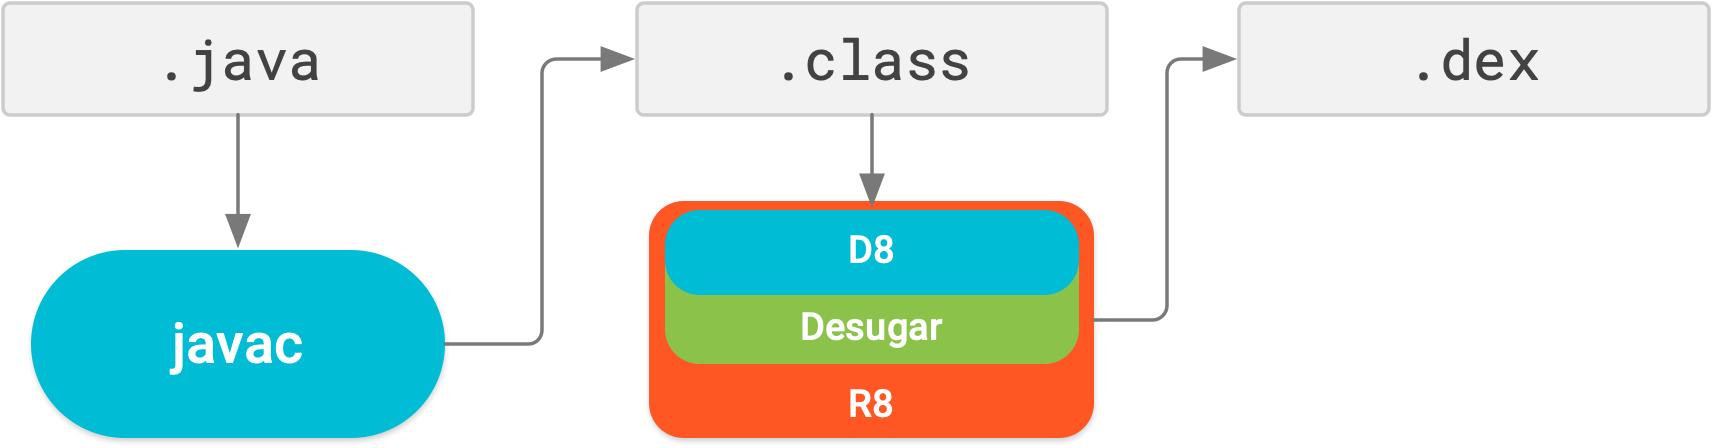 Agora, com o R8, a simplificação, redução, ofuscação, otimização e dexação são concluídas em uma única etapa de compilação.